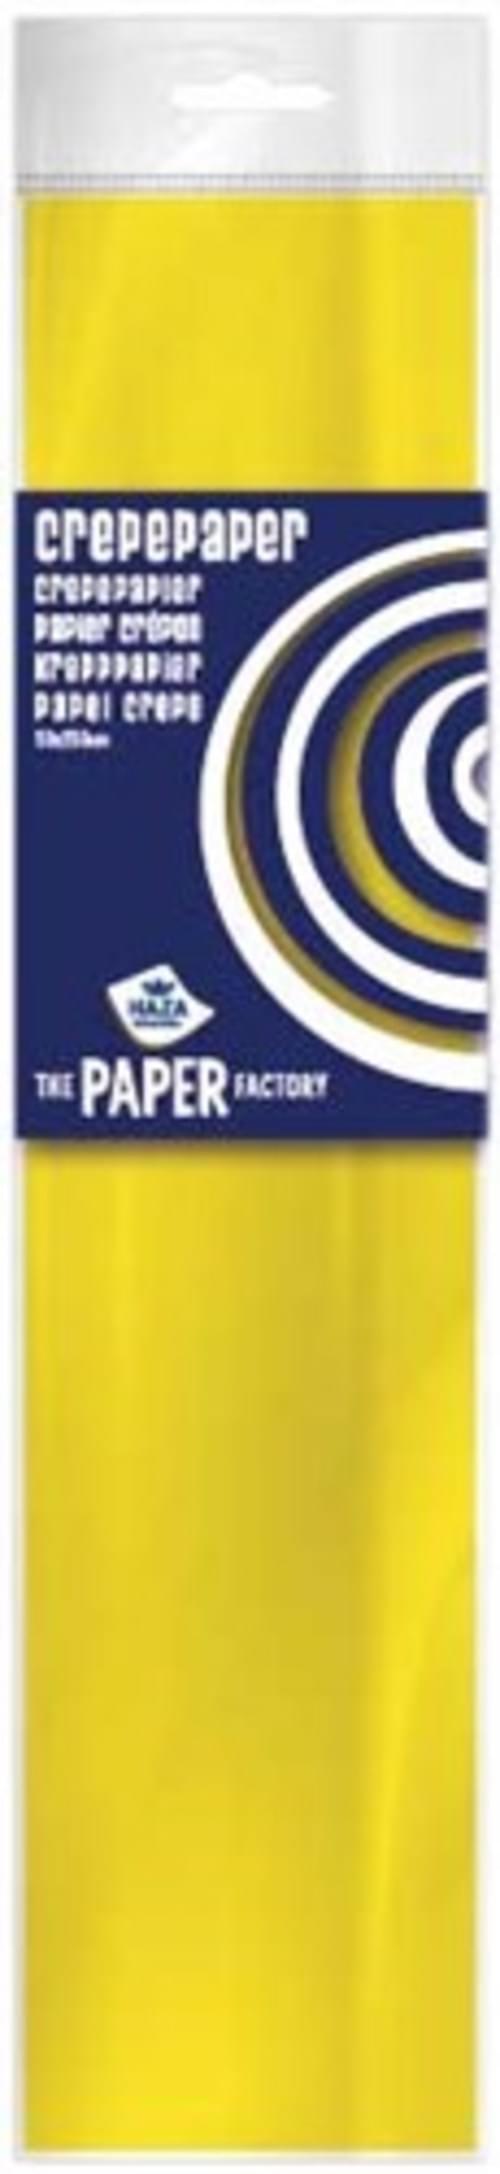 Crepe Paper Yellow  10pk